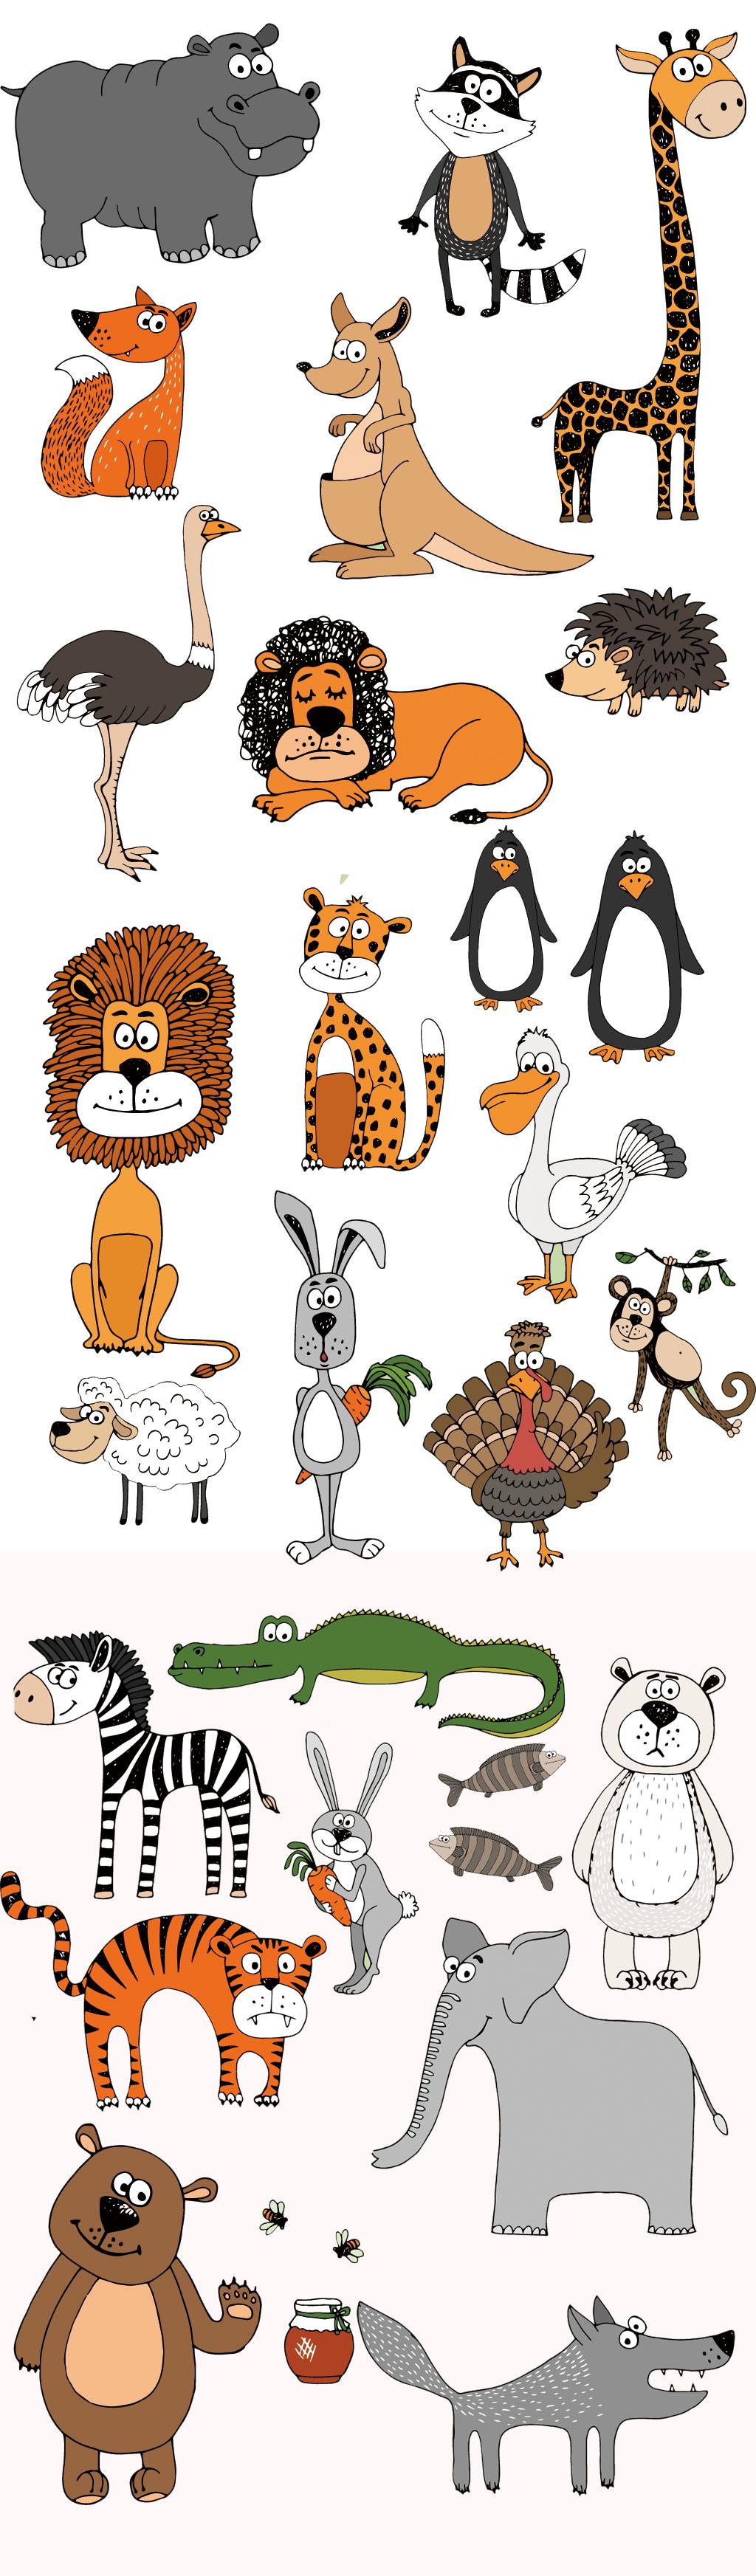 手绘卡通平面动物eps矢量图素材合集